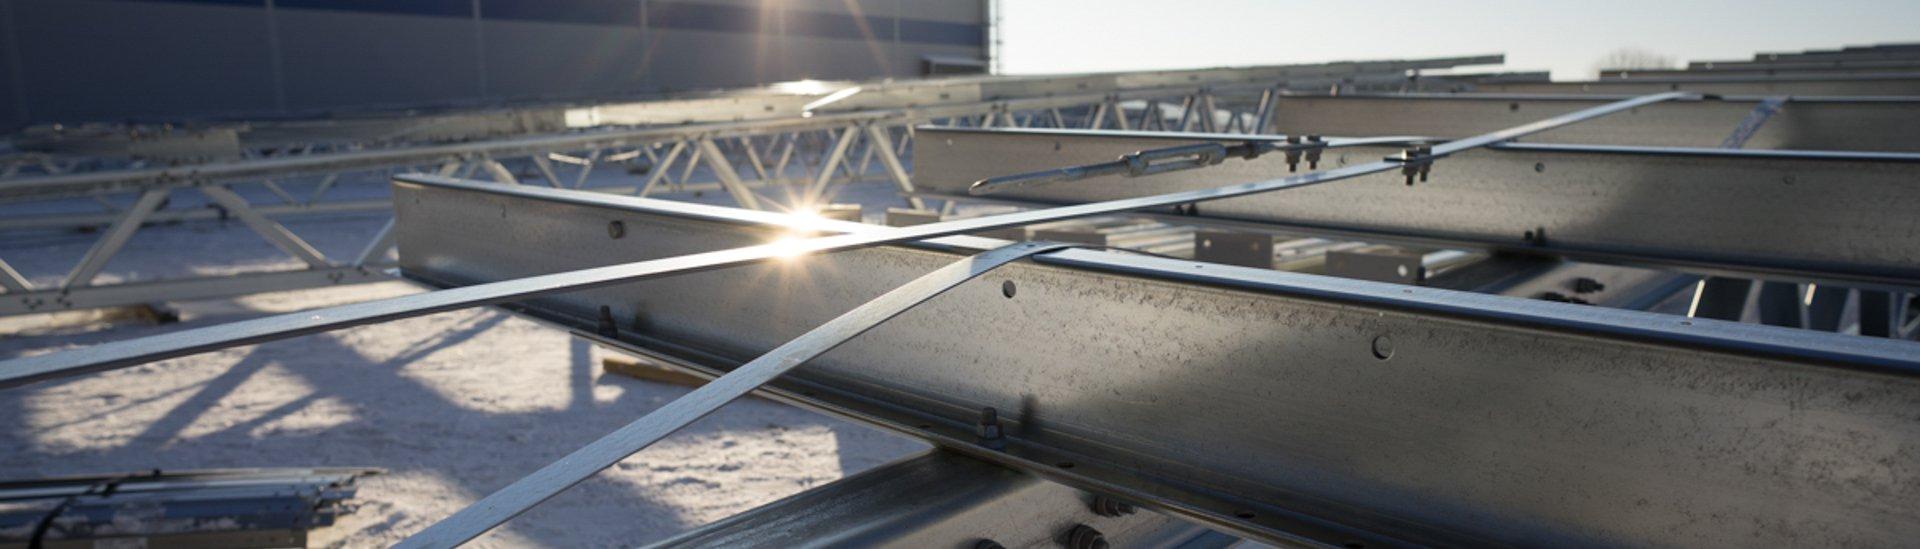 Ocelová konstrukce montované střechy haly LLENTAB